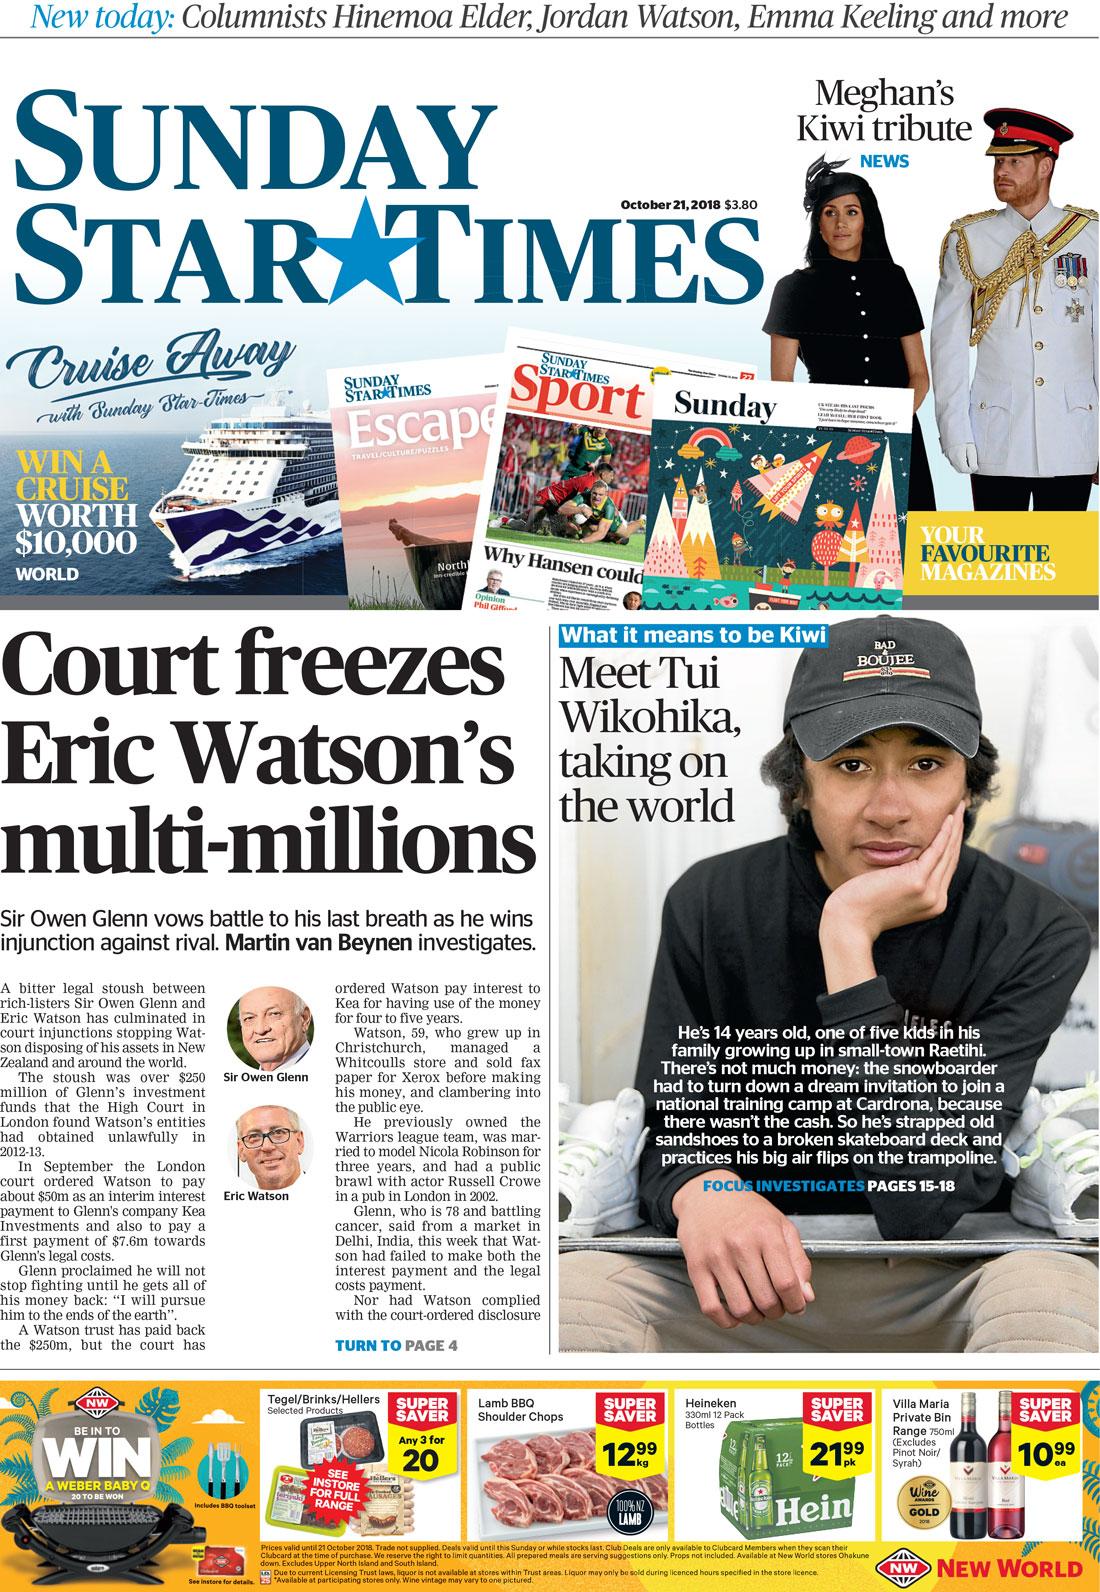 61_Newspaper-OTY_Sunday-Star-Times_Story-2.jpg